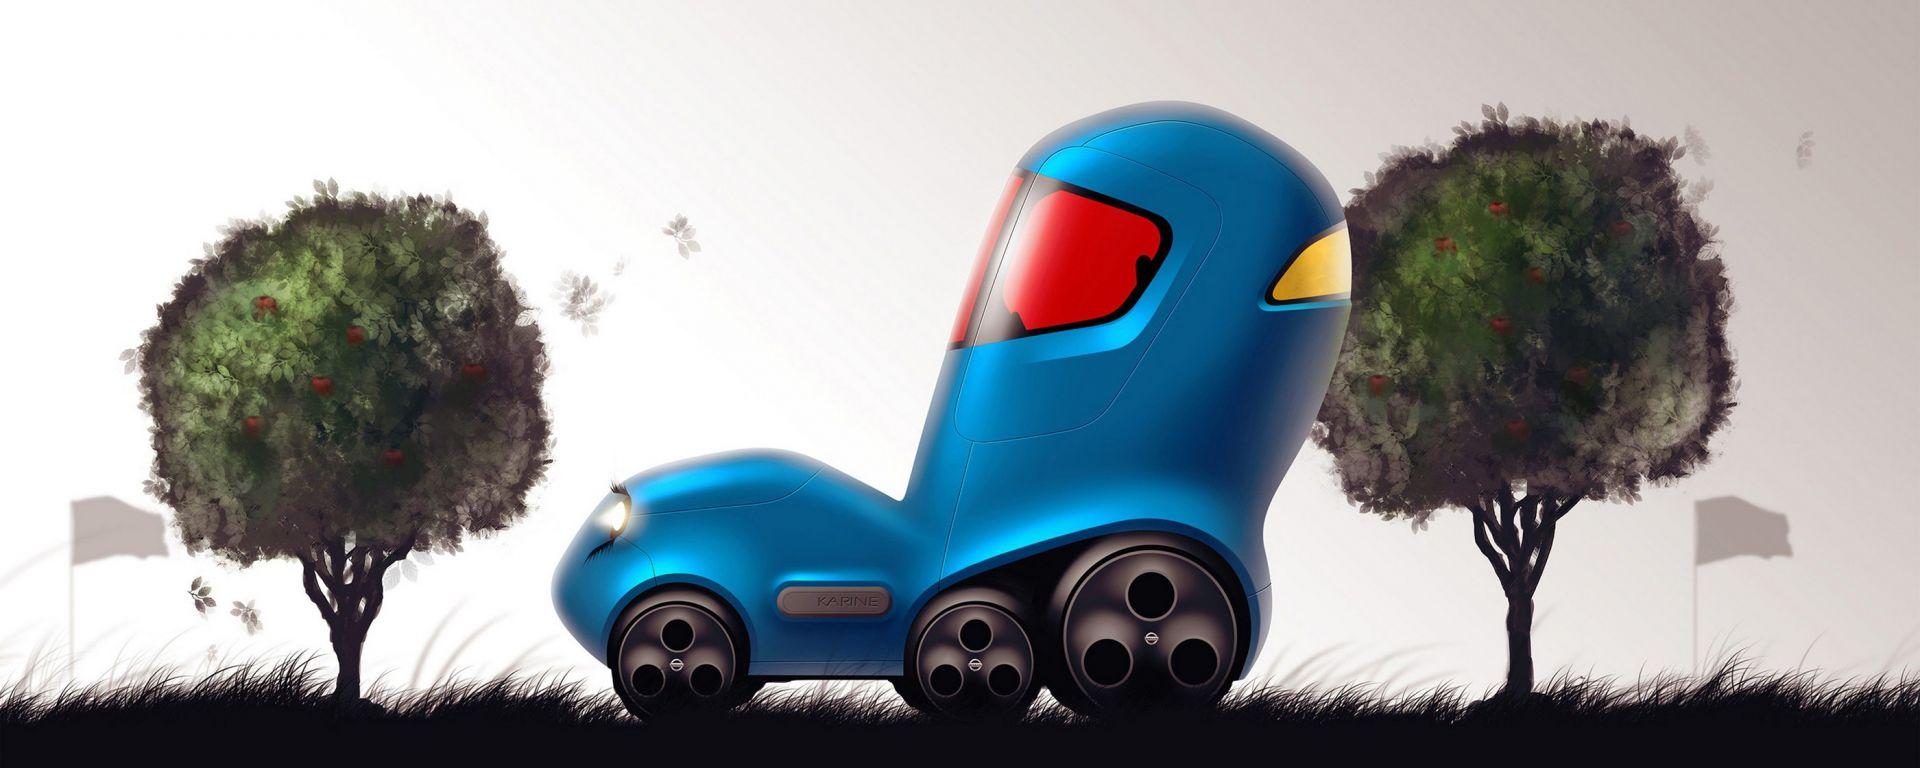 Nissan: i bambini disegnano l'auto del futuro